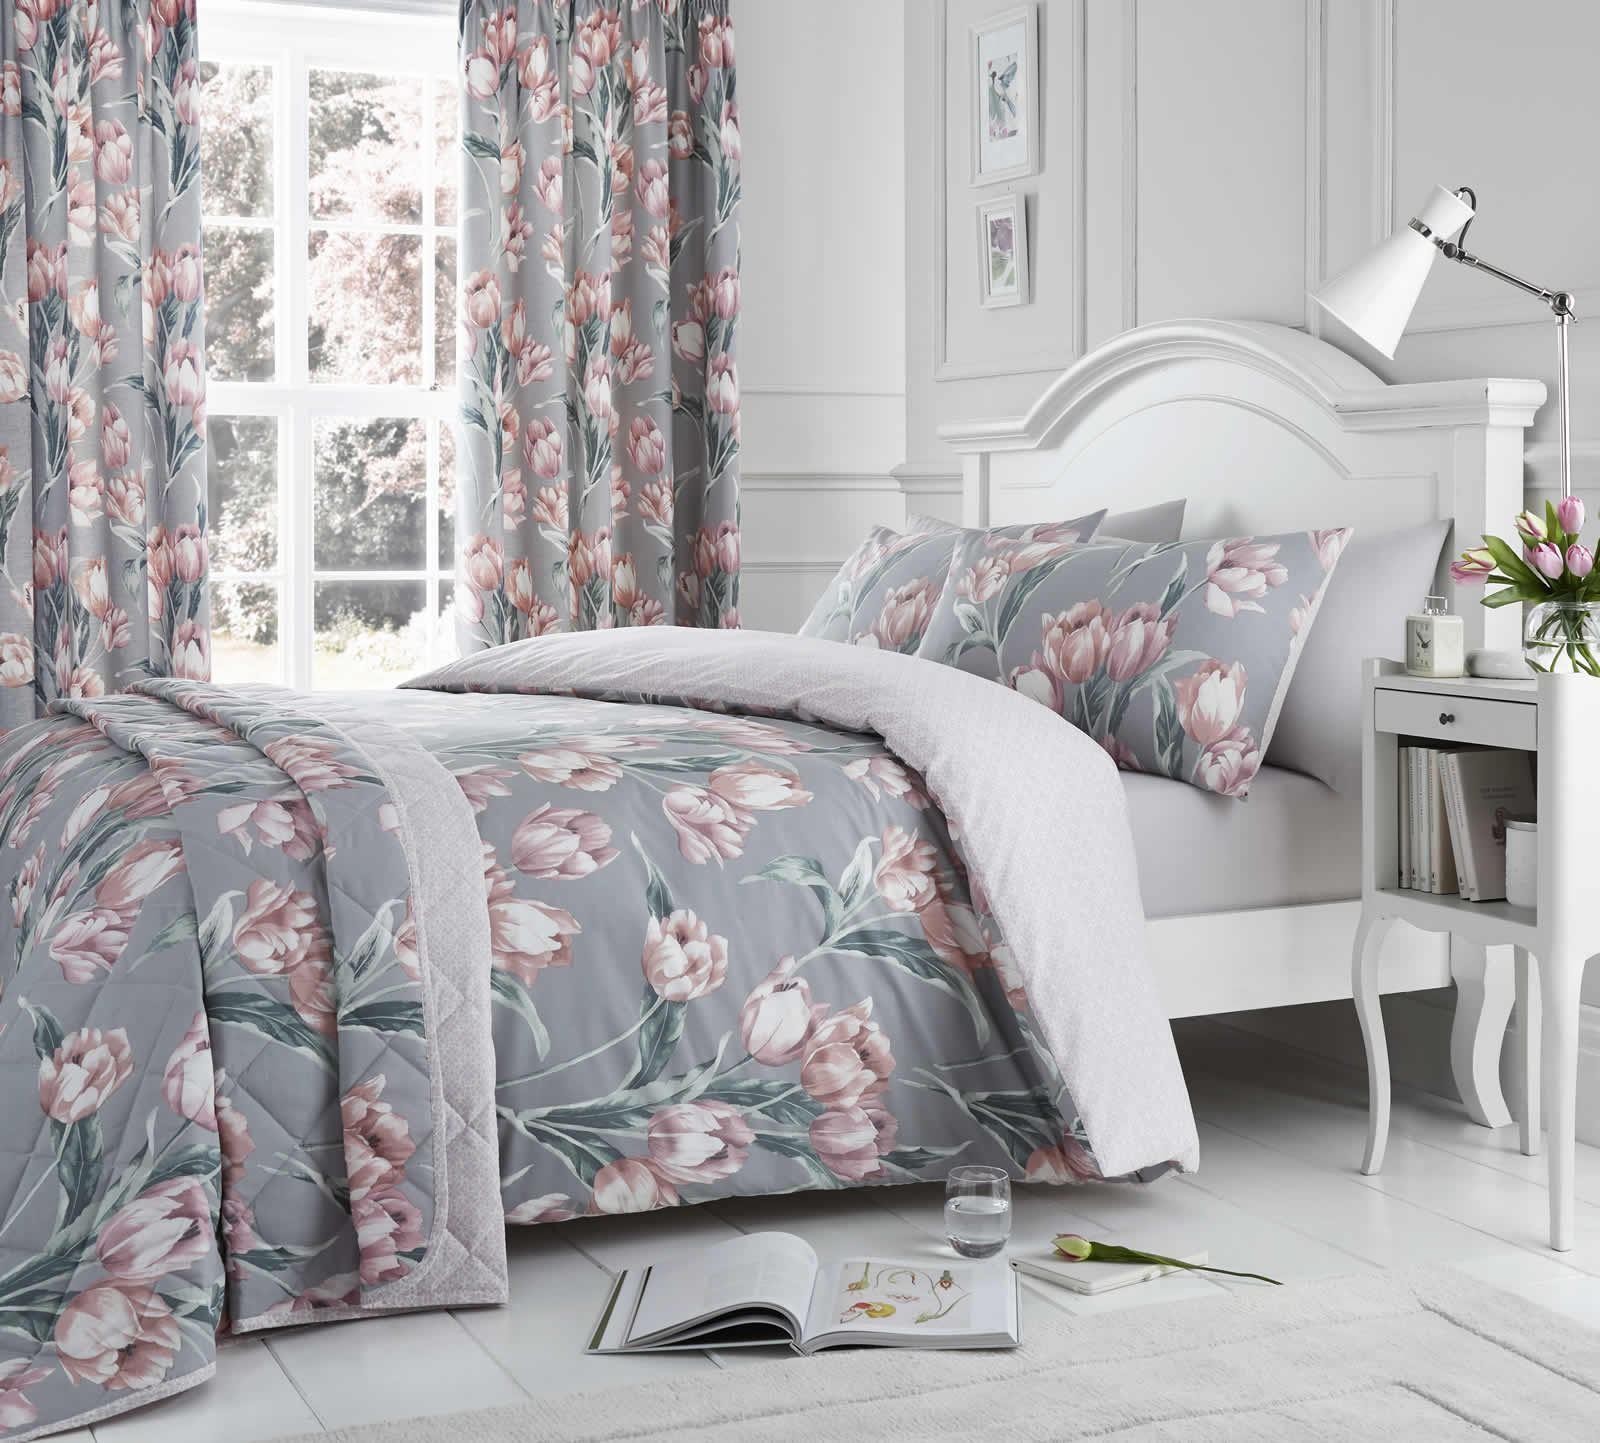 bed s dotmaison flower tomato bedding duvet linen bedroom luxury at kiely oval orla cover multi